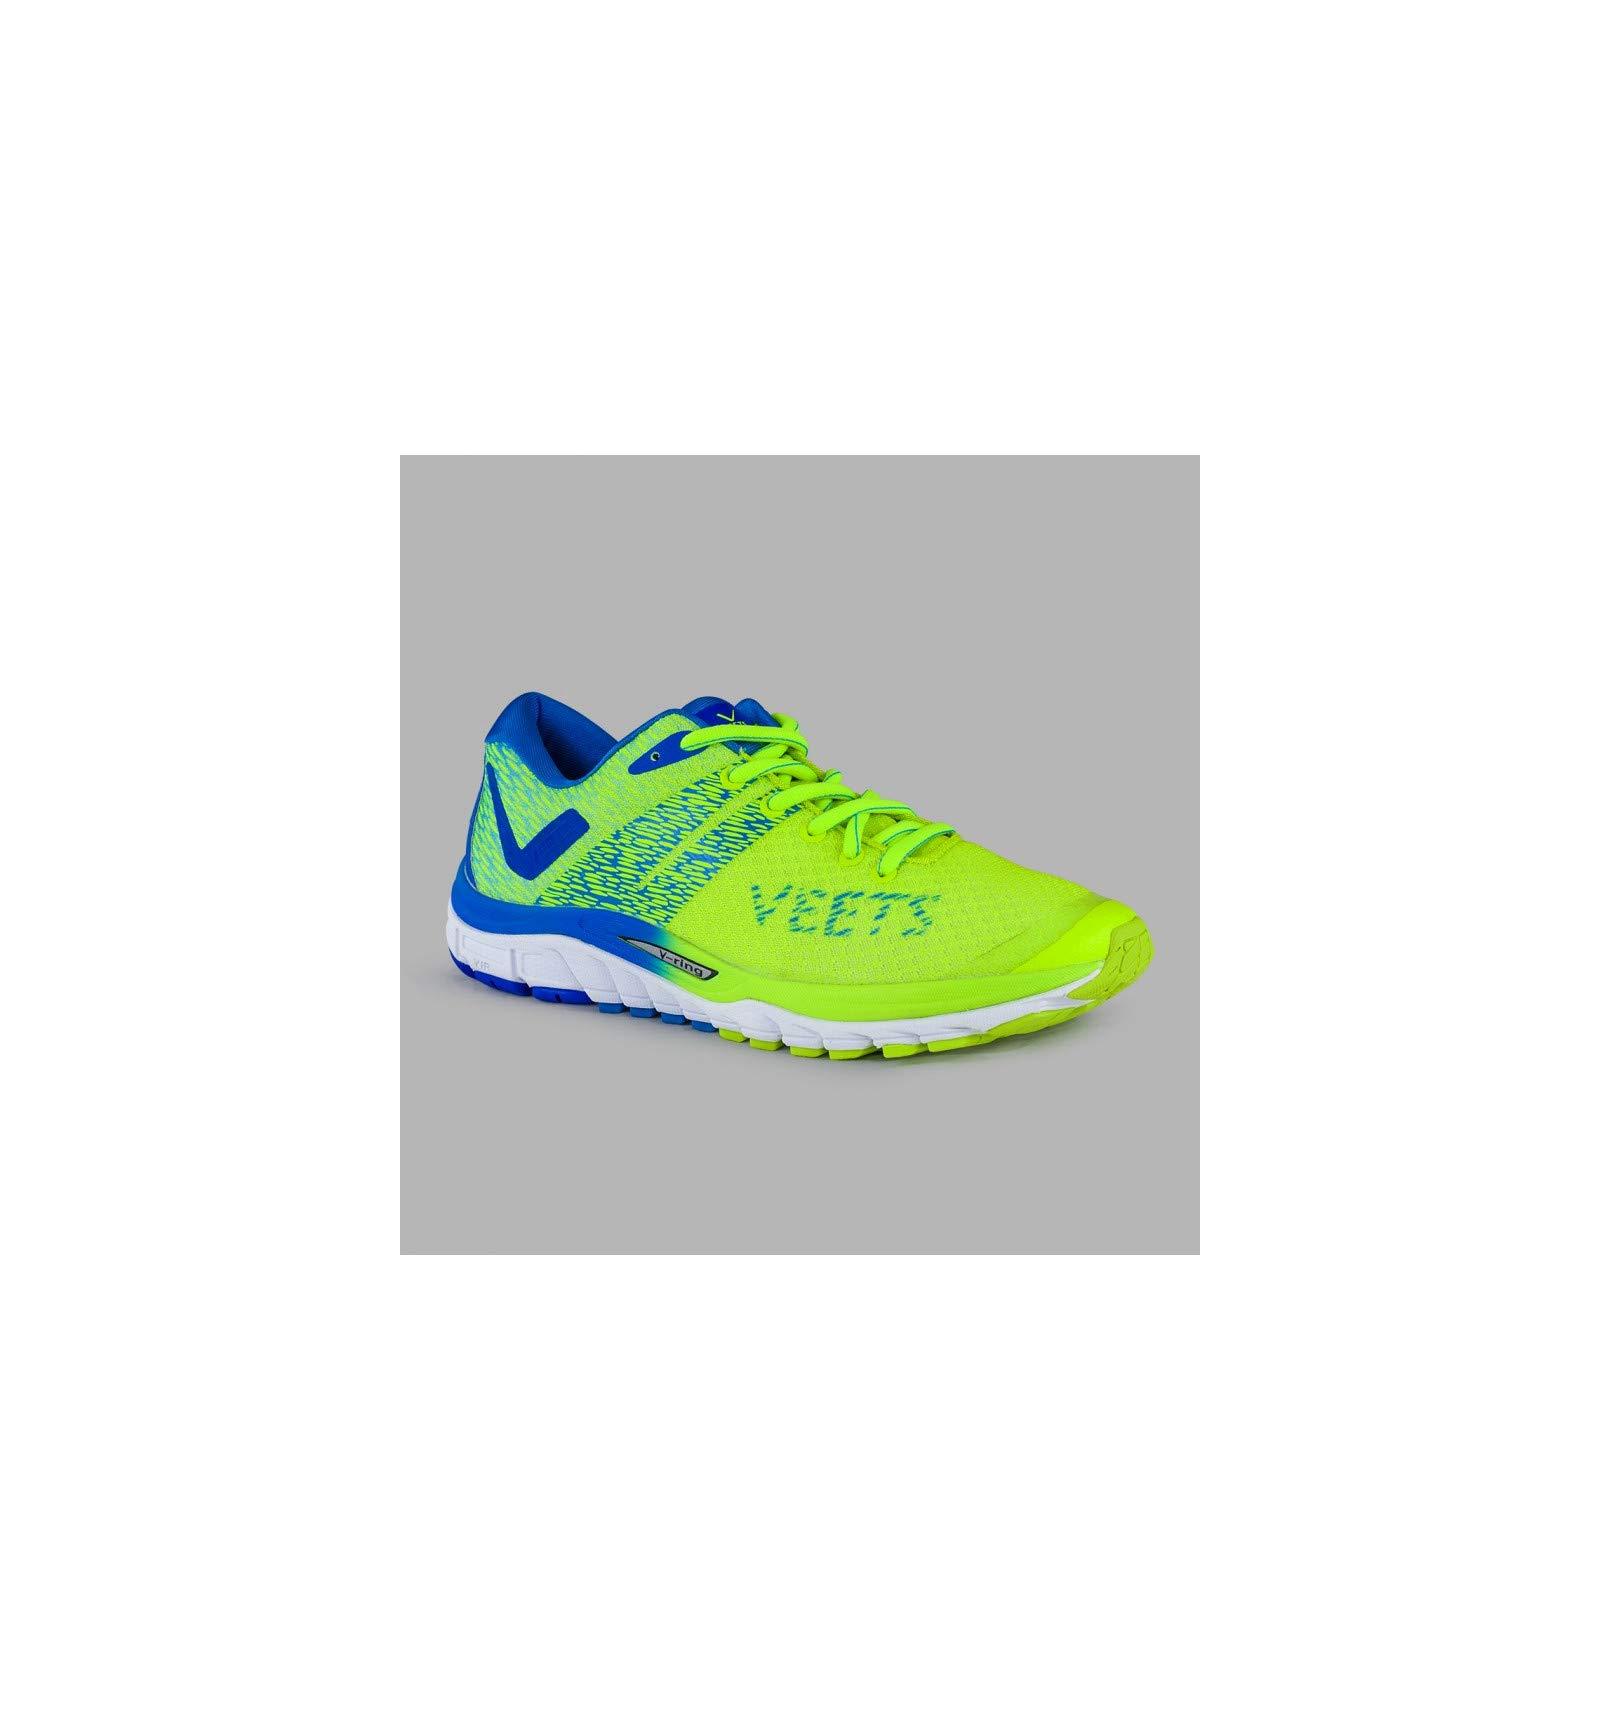 VEETS Inside 2.0 - Zapatillas de Running para Hombre, Color Amarillo, Azul y Blanco, PE 2018, Amarillo, 41: Amazon.es: Deportes y aire libre